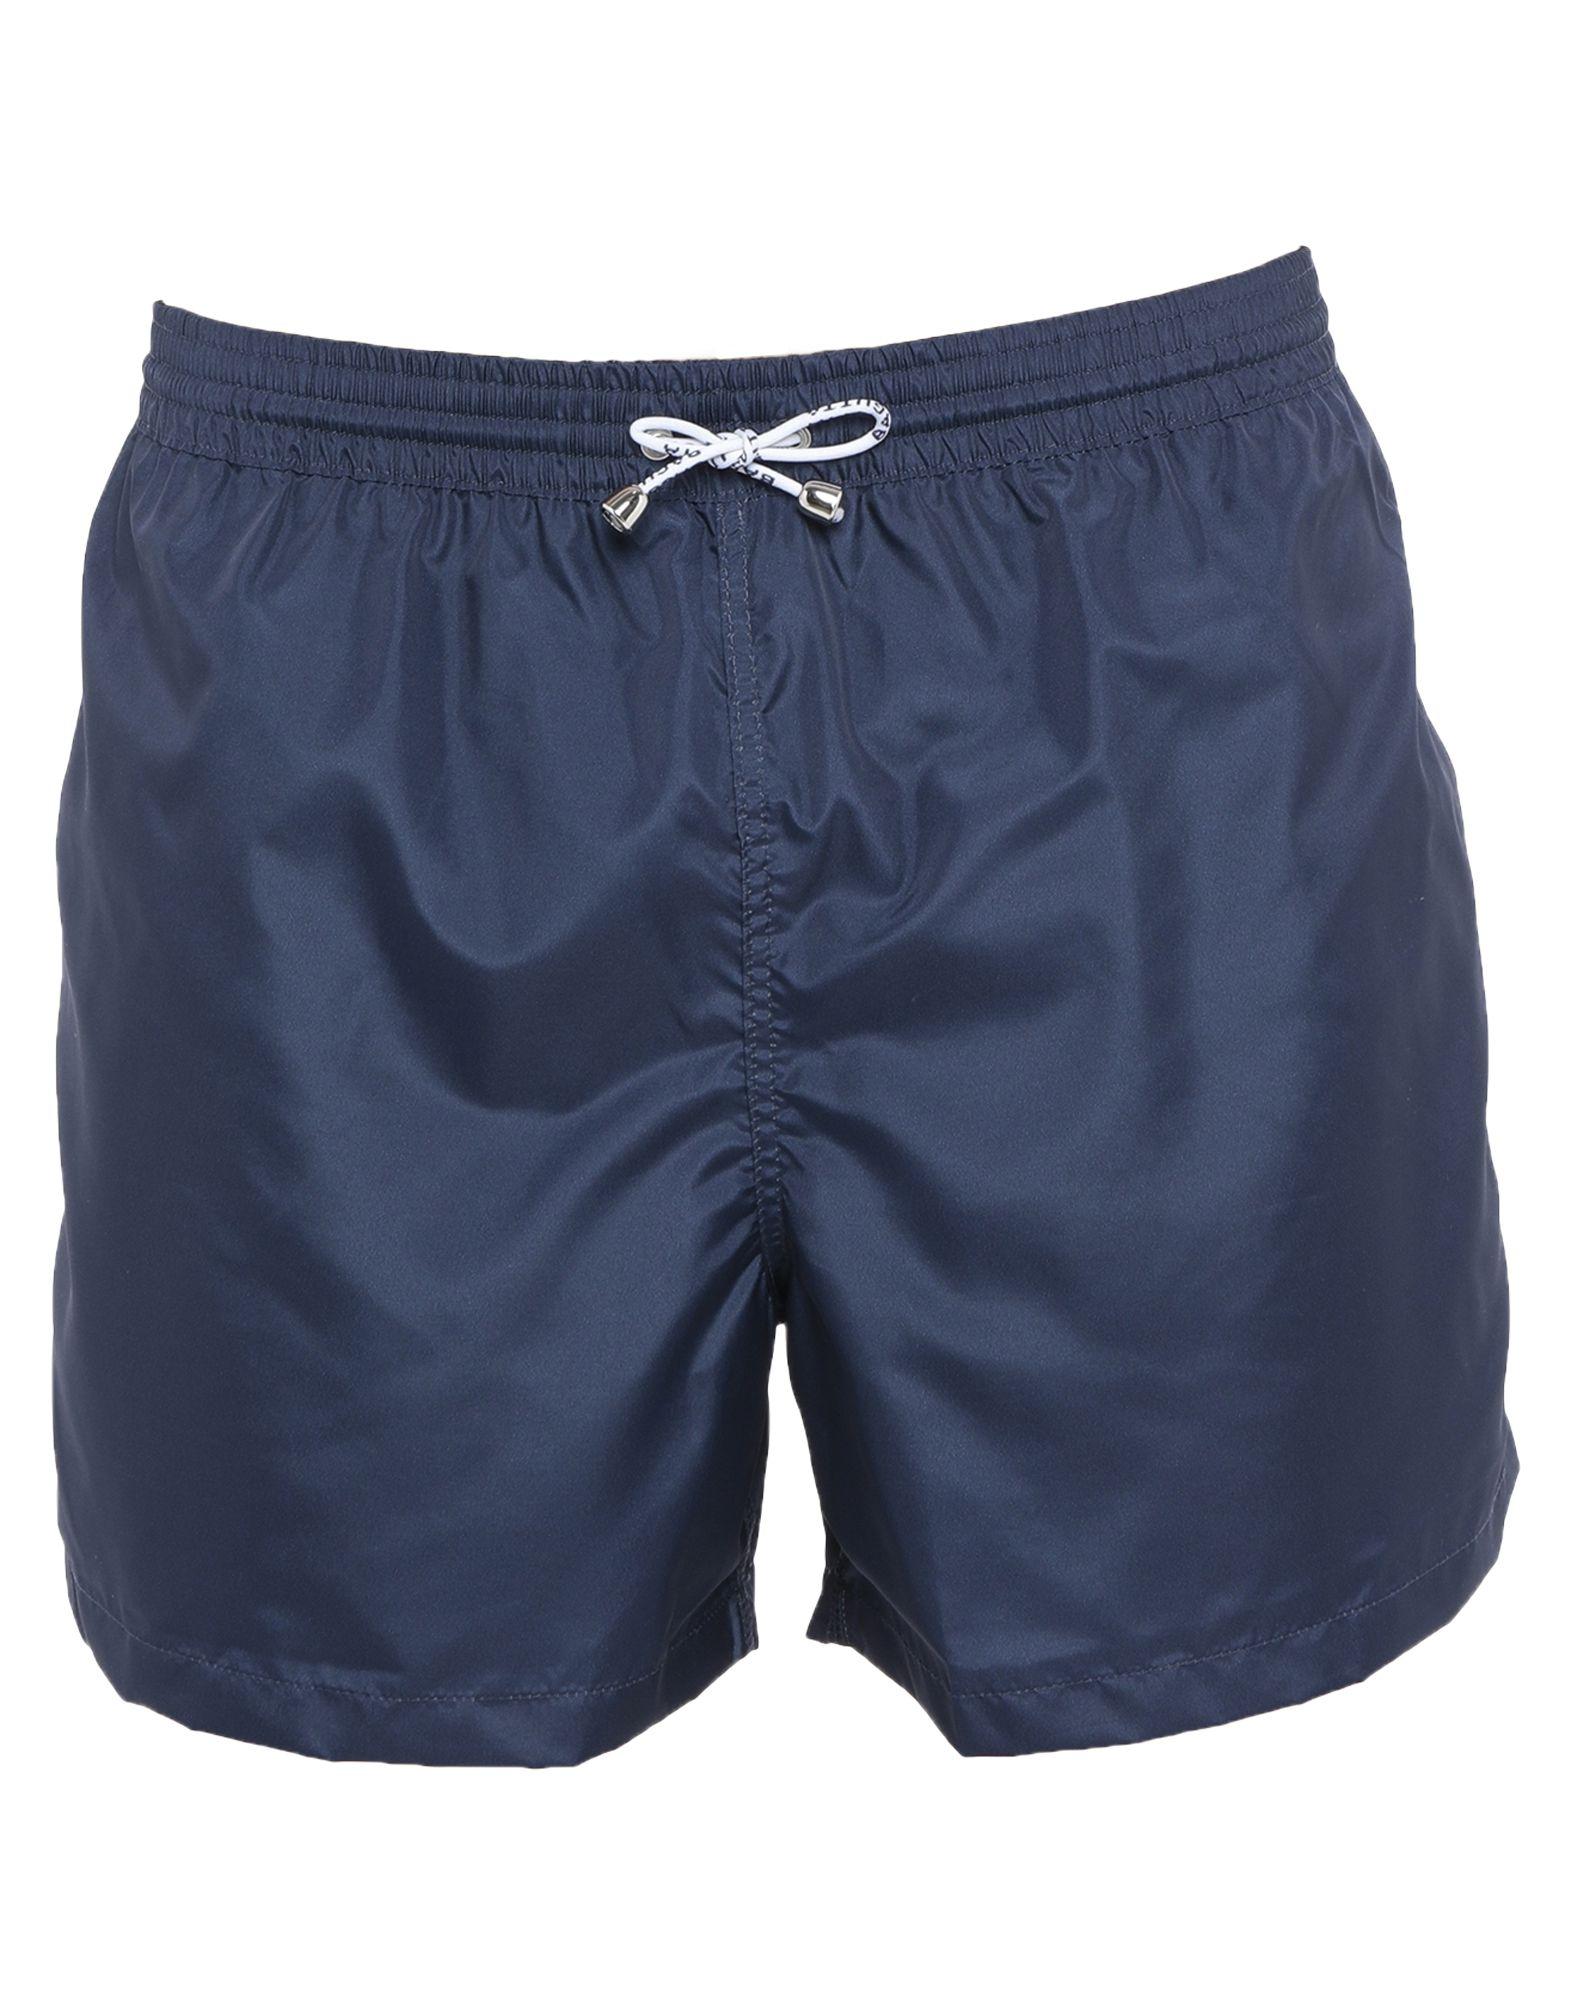 BAGUTTA Swim trunks - Item 47252737